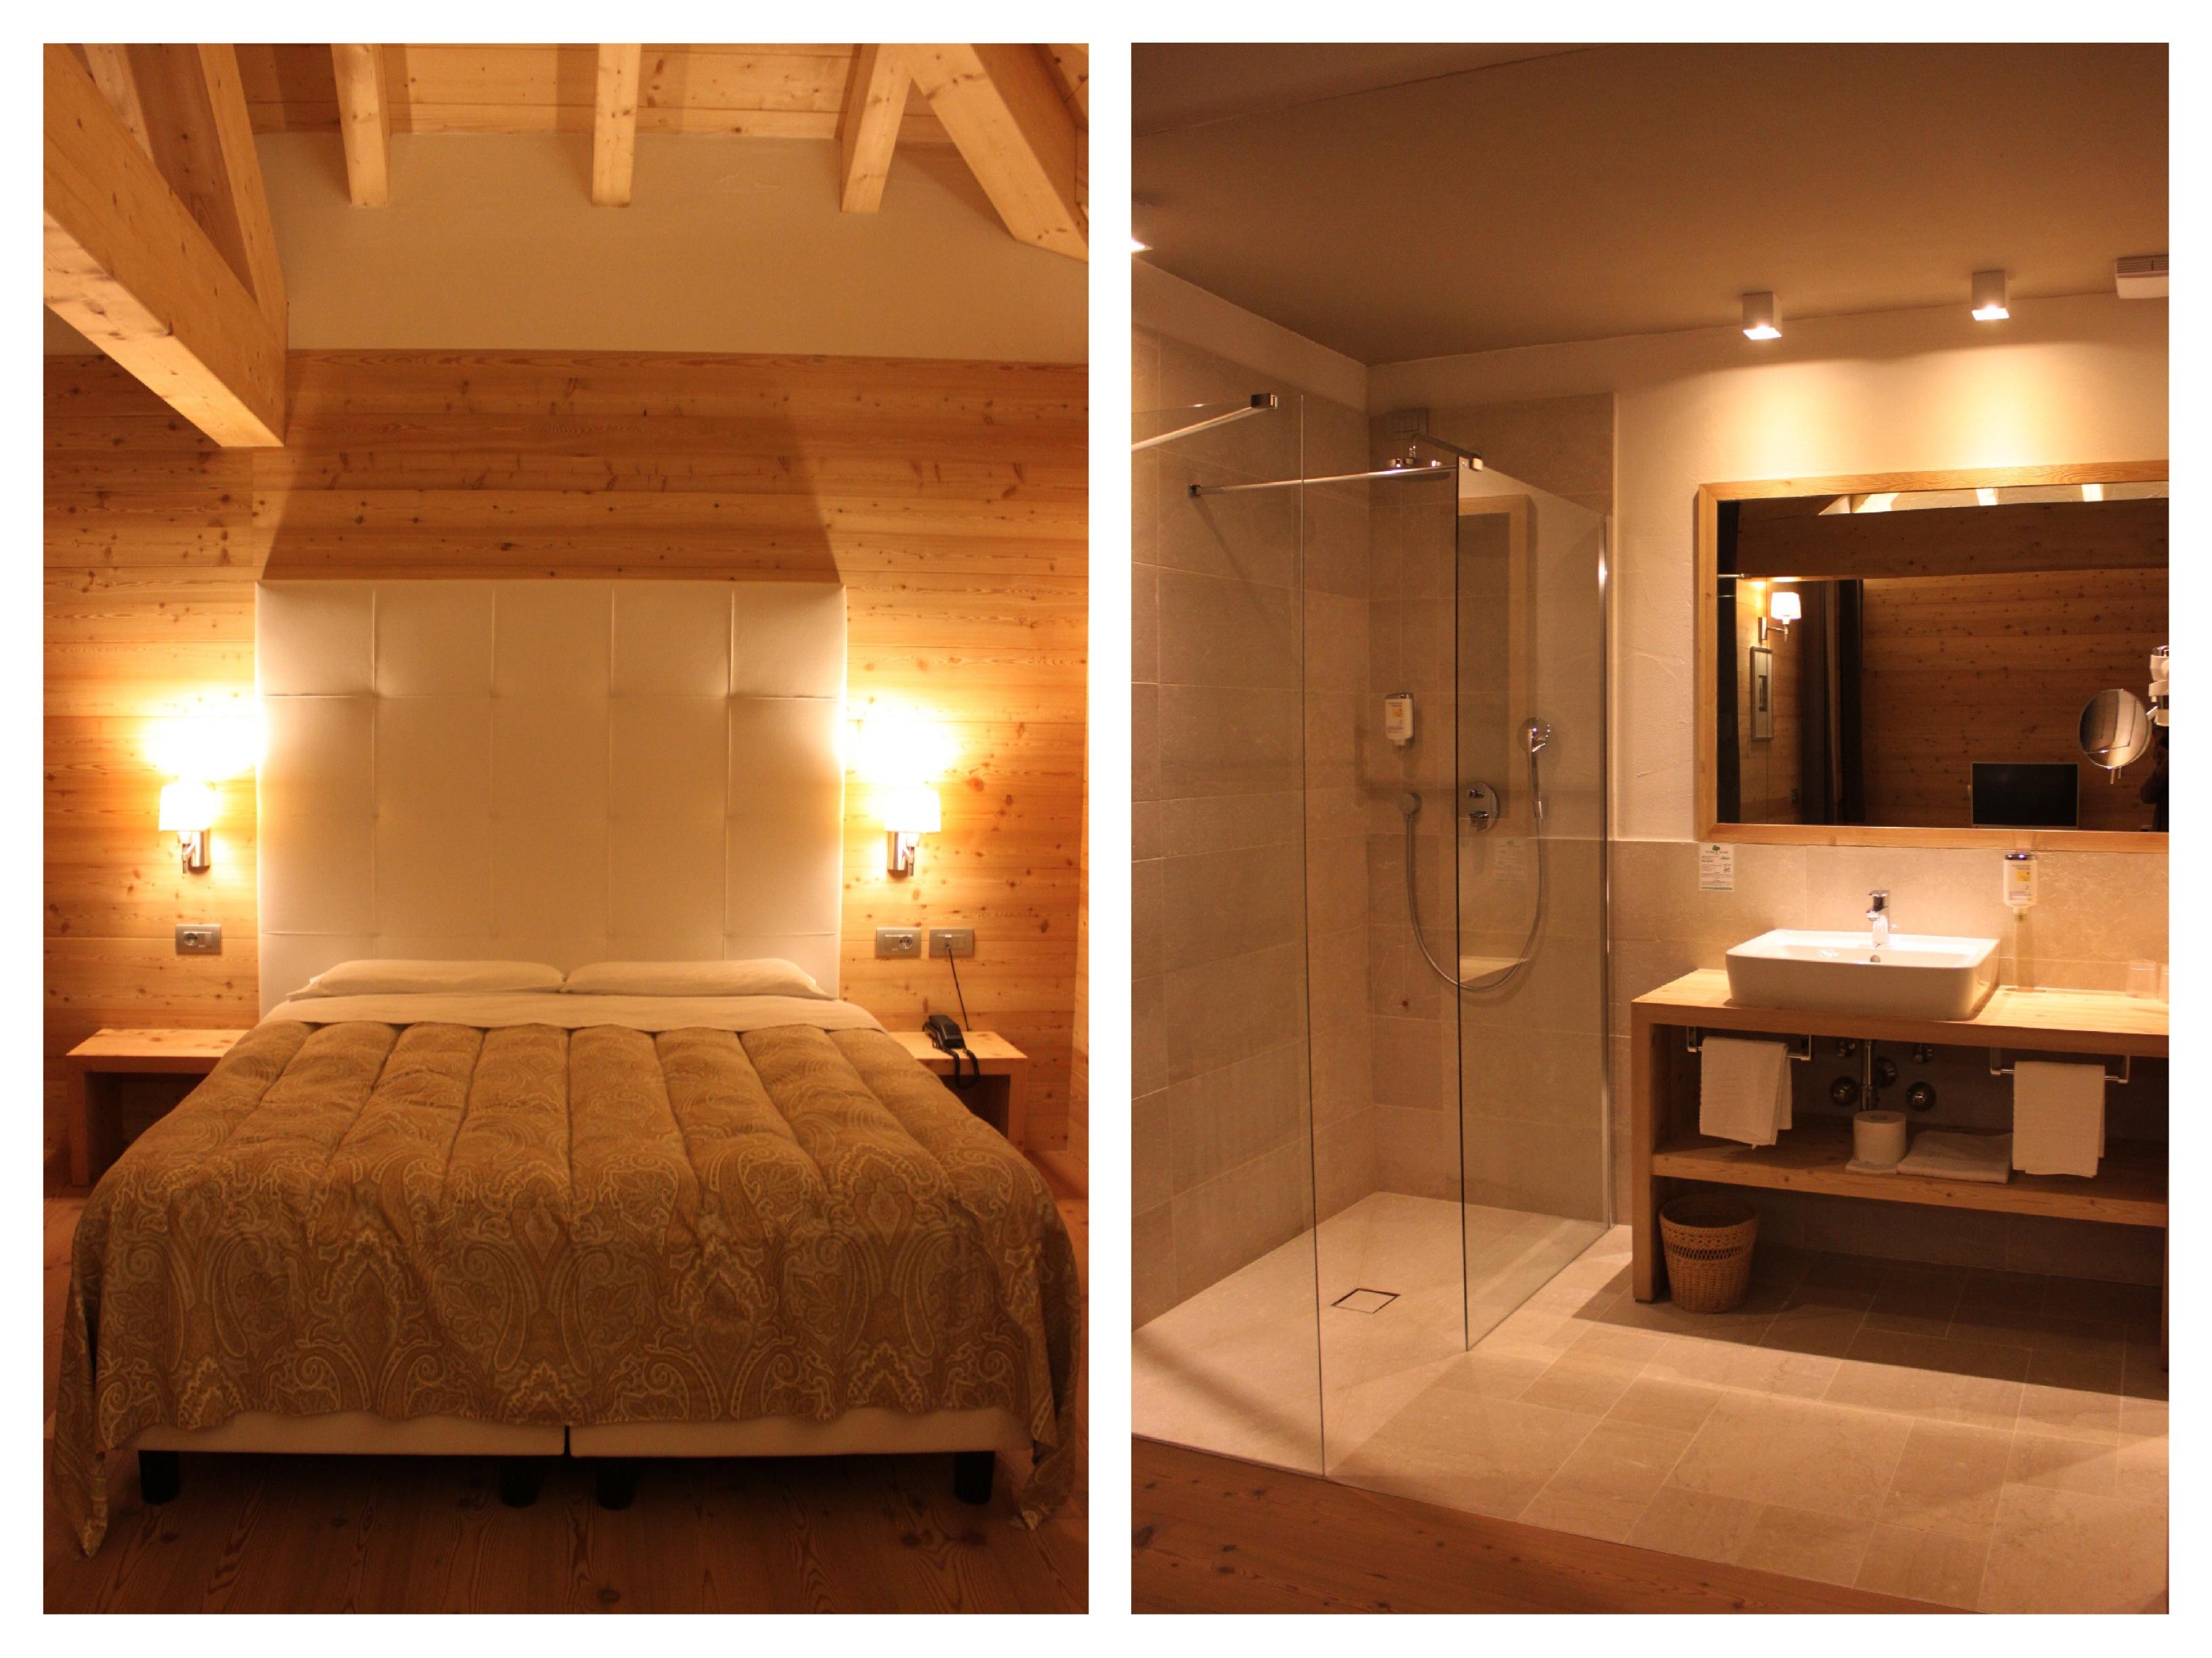 Design legno chiaro igor l 39 hotel costabella a moena for Piccolino hotel decor